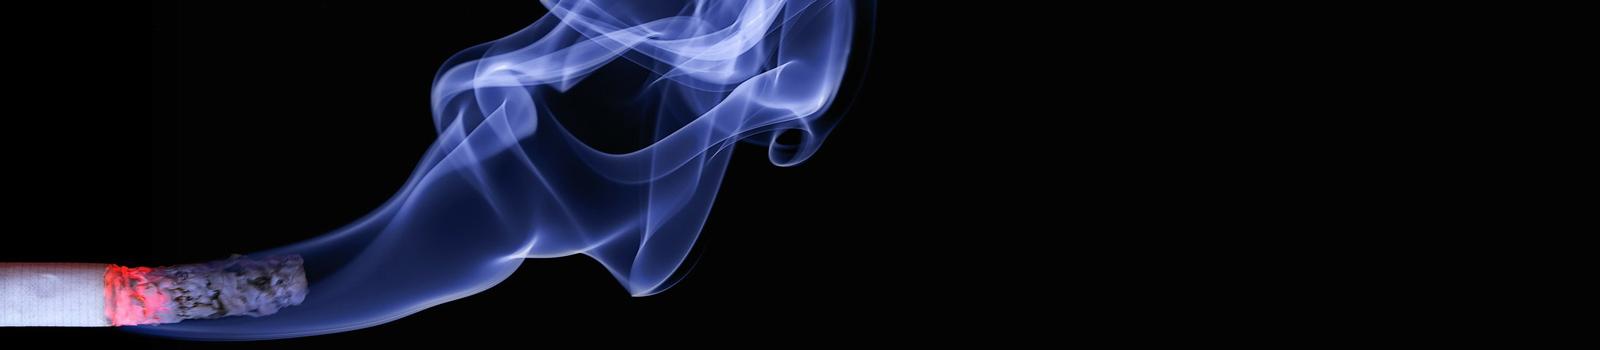 Zigarettenqualm und Nichtraucher